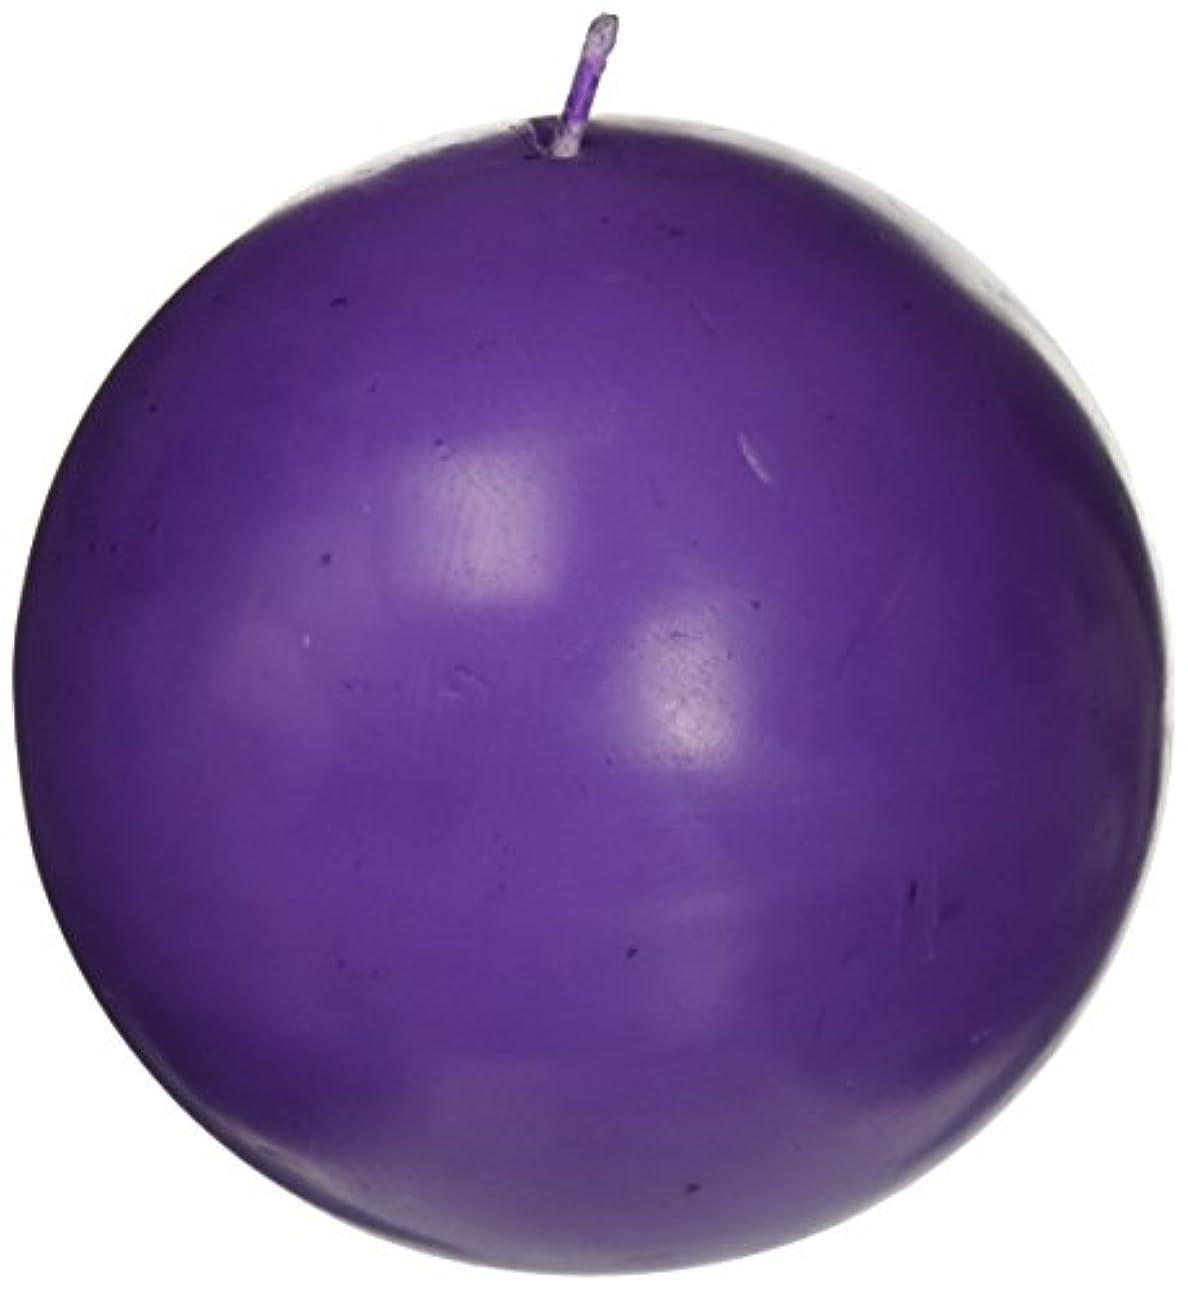 キャンペーン結紮視線Zest Candle CBZ-034 4 in. Purple Ball Candles -2pc-Box